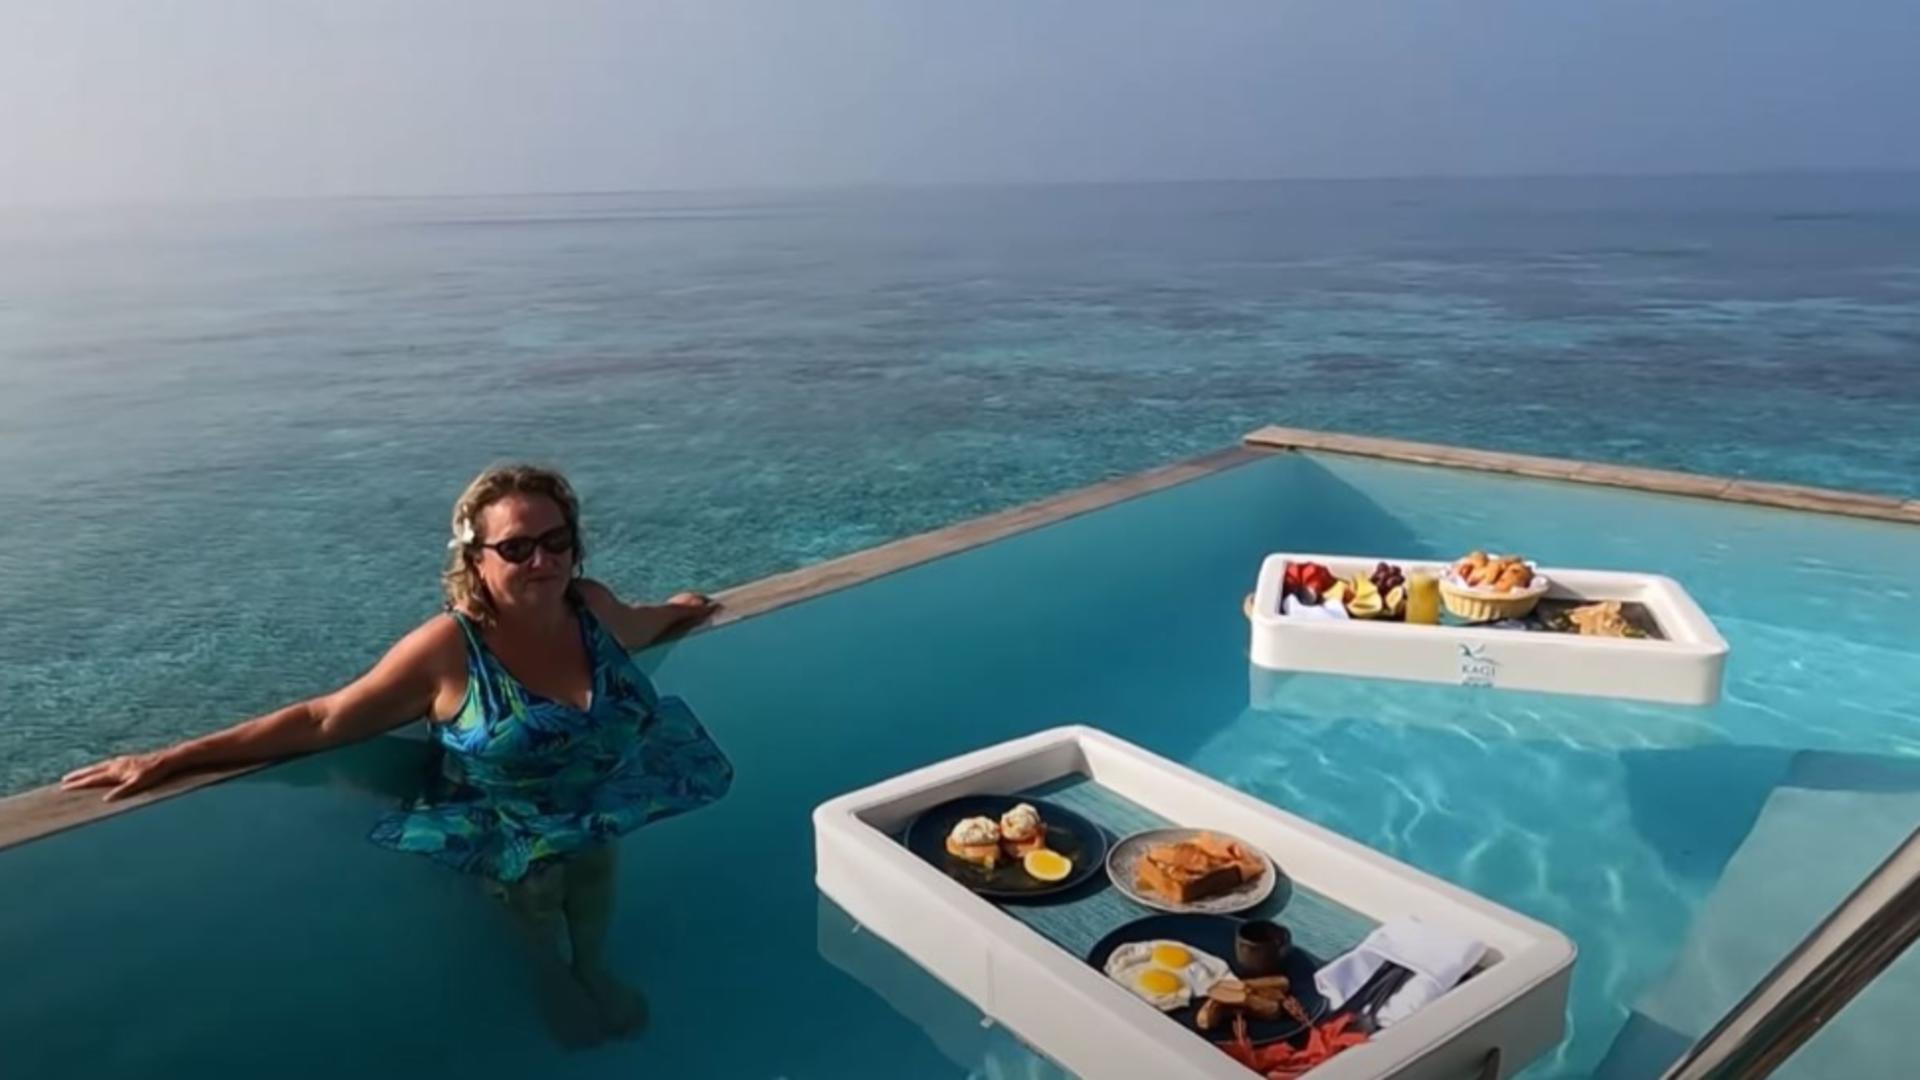 Micul dejun plutitor, ultima atracție în resorturile de lux. Foto /elenas day